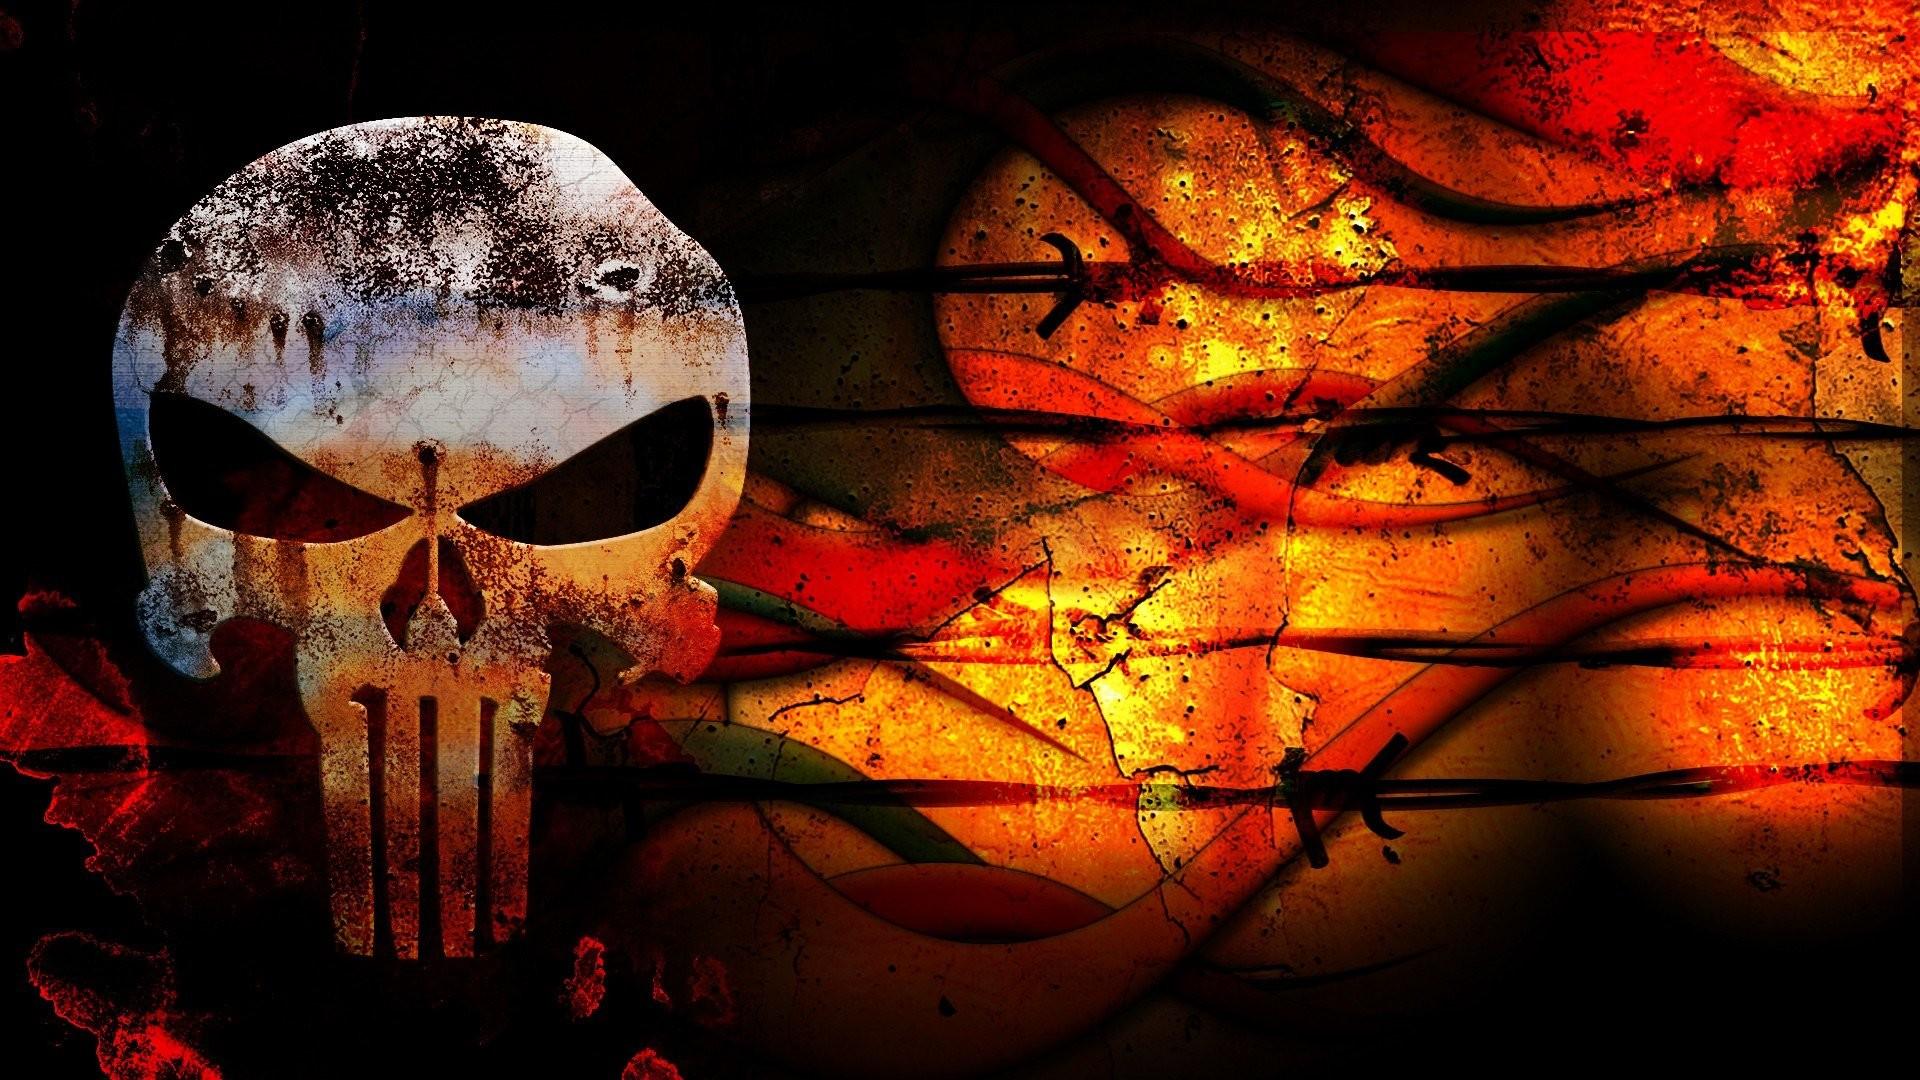 The, Punisher, Skull, Wallpaper, Hd, High Resolution - Punisher American Flag Wallpaper Ipad - HD Wallpaper